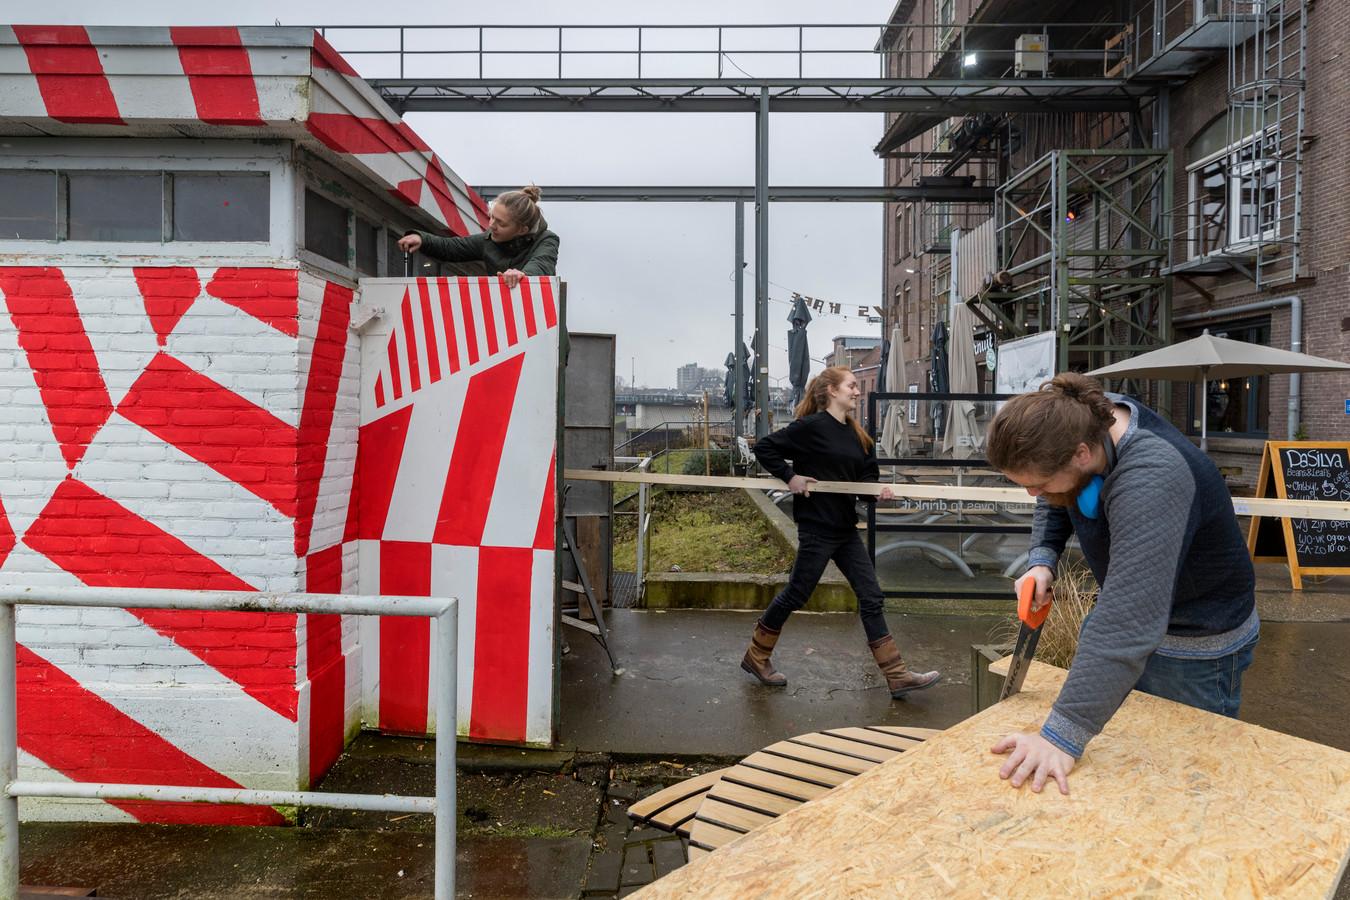 Het brandweerhuisje wordt opgeknapt door links op de trap Lizette van Dijk, met palen Anne Reijnders en zagend Jorn van Hoof.